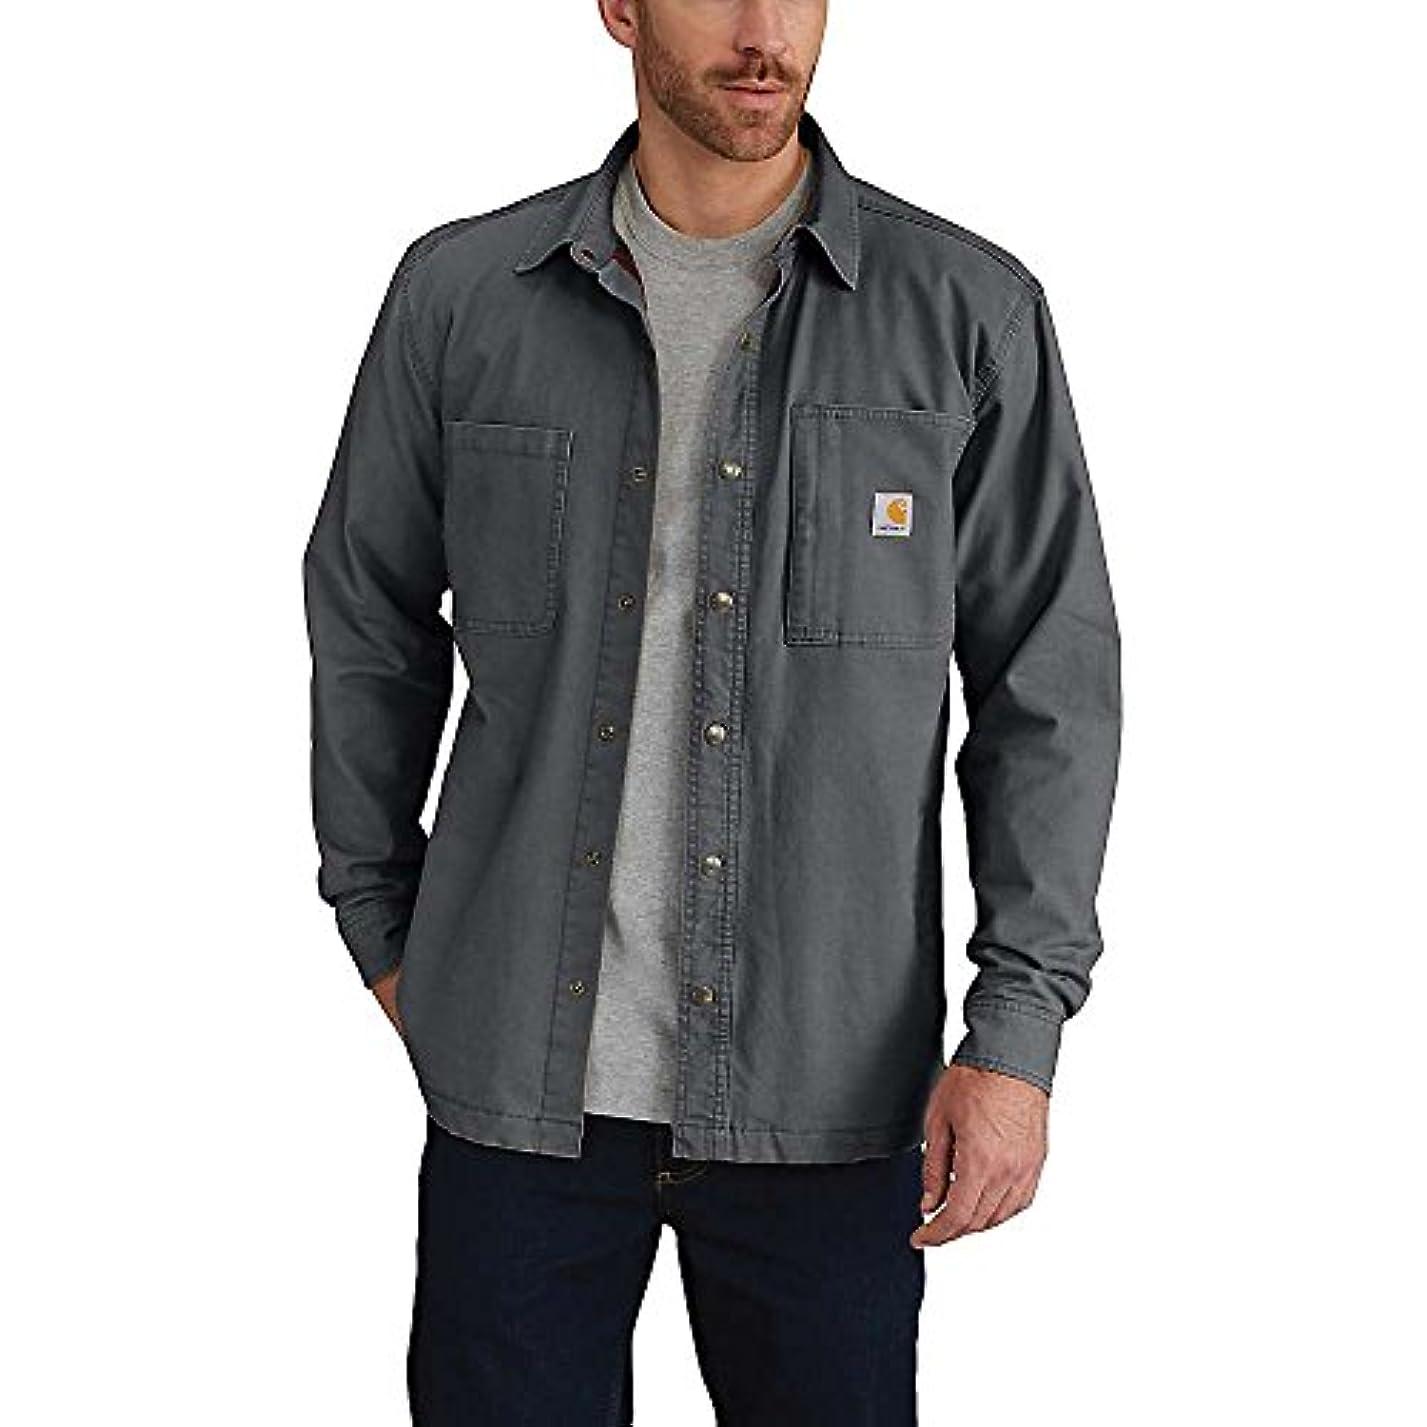 規範同等のクラックカーハート トップス シャツ Carhartt Men's Rugged Flex Rigby Shirt J Shadow 1xj [並行輸入品]